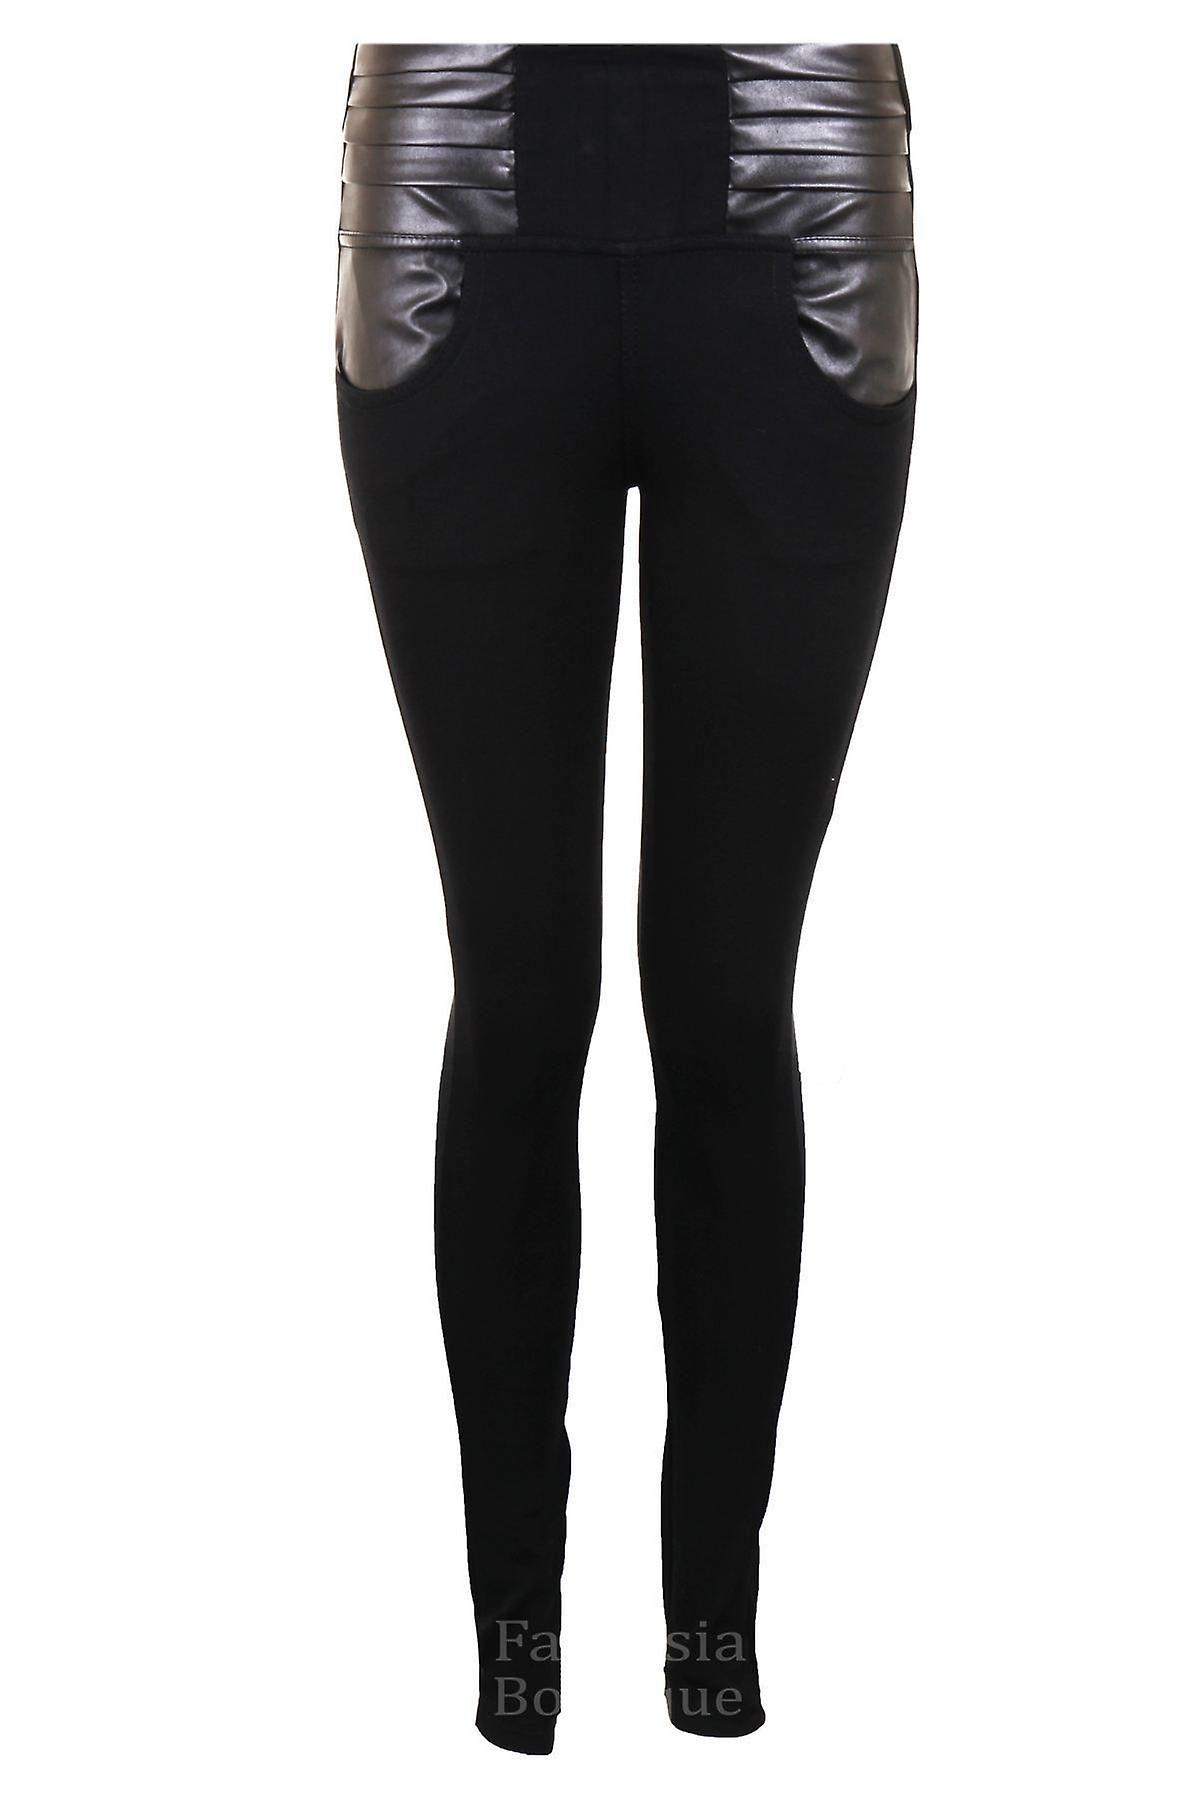 Ladies Wet Look Zip Button Black Women's Smart Skinny Fit Jeggings Leggings